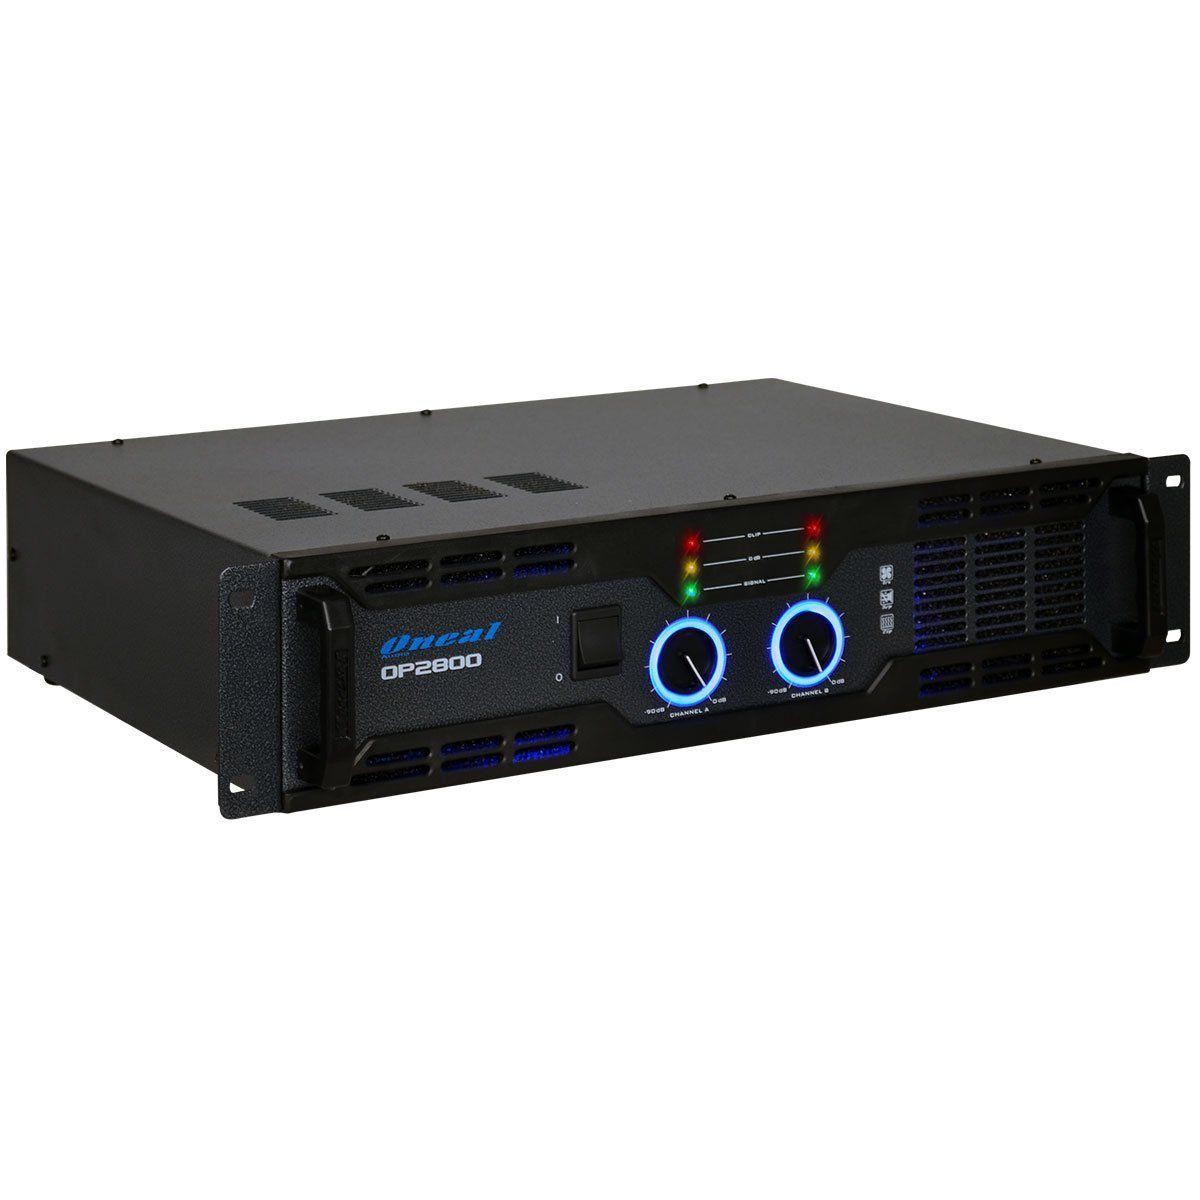 Amplificador De Potencia Oneal Op2800 500W Rms